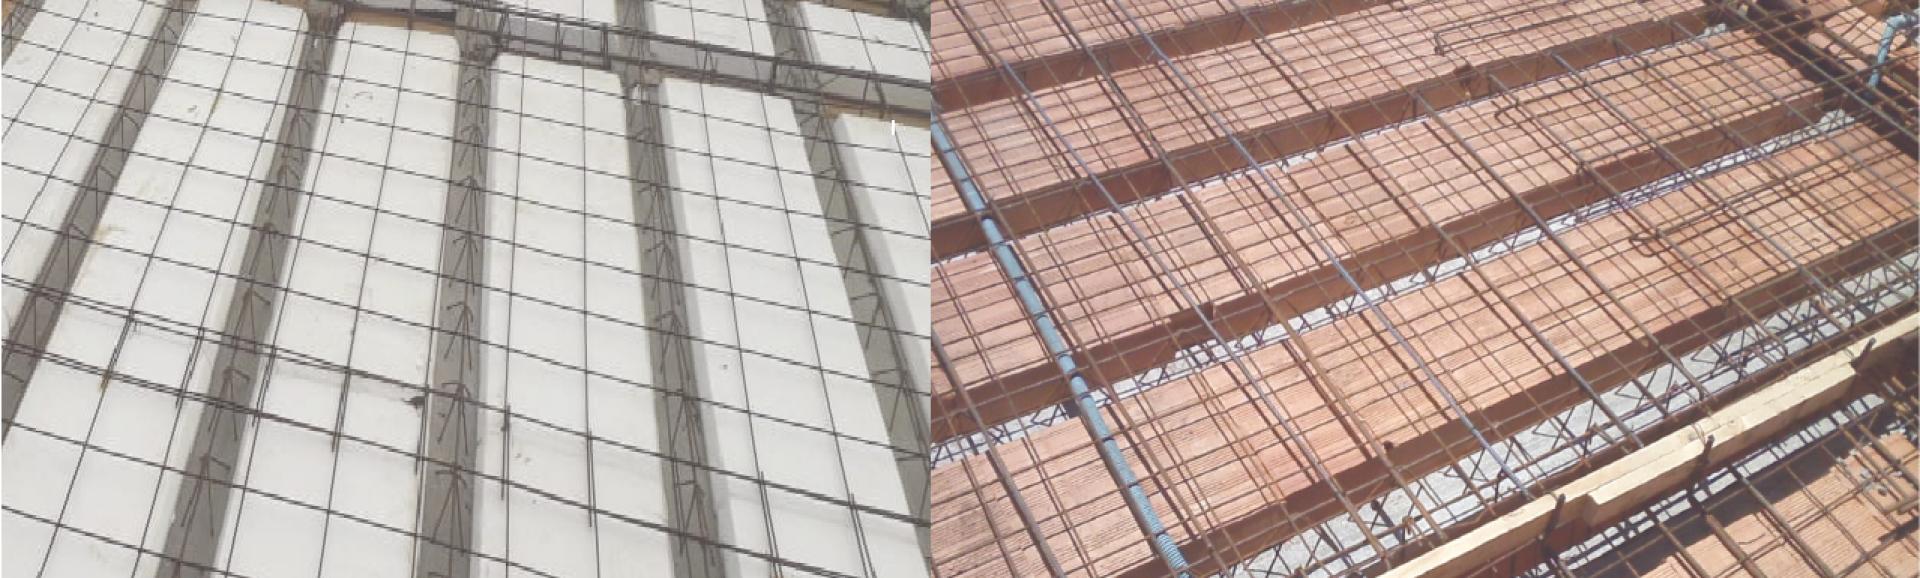 Laje Treliçada - Você pode usar com enchimento cerâmico ou EPS (isopor)